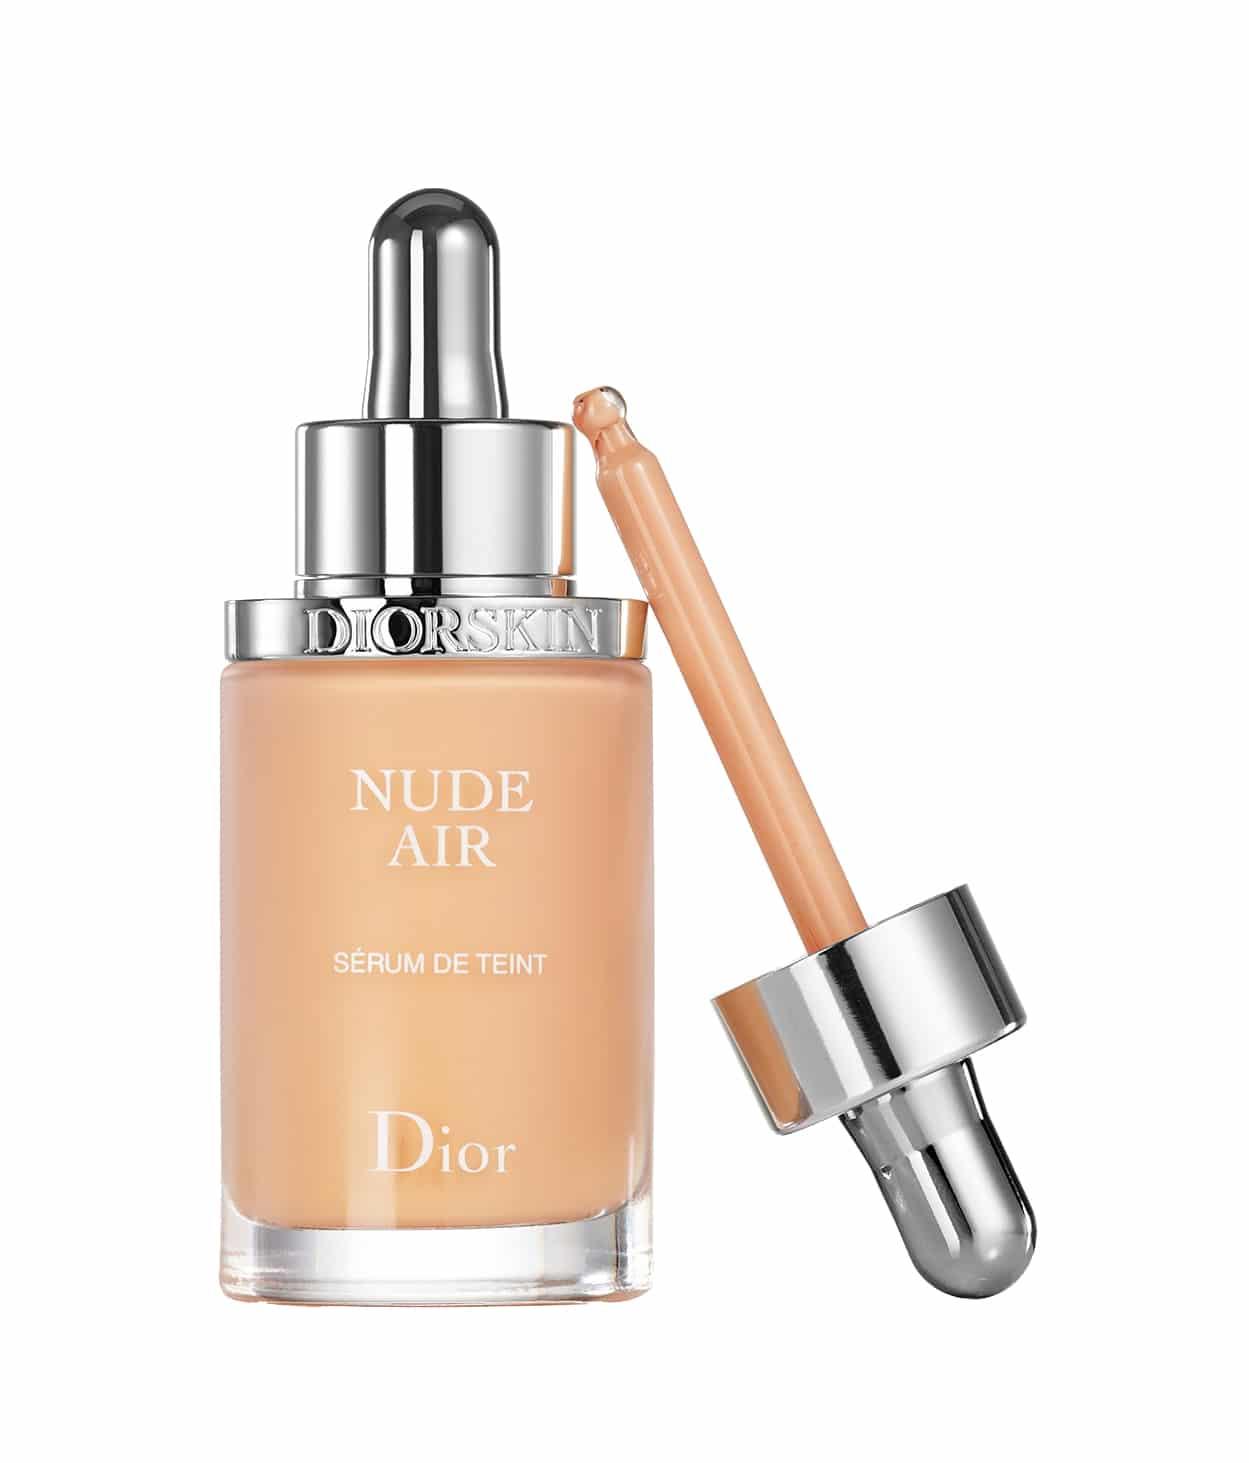 Dior Diorskin Nude Air Serum Fondotinta: info, prezzo, recensione, opinioni, immagini, swatch, INCI